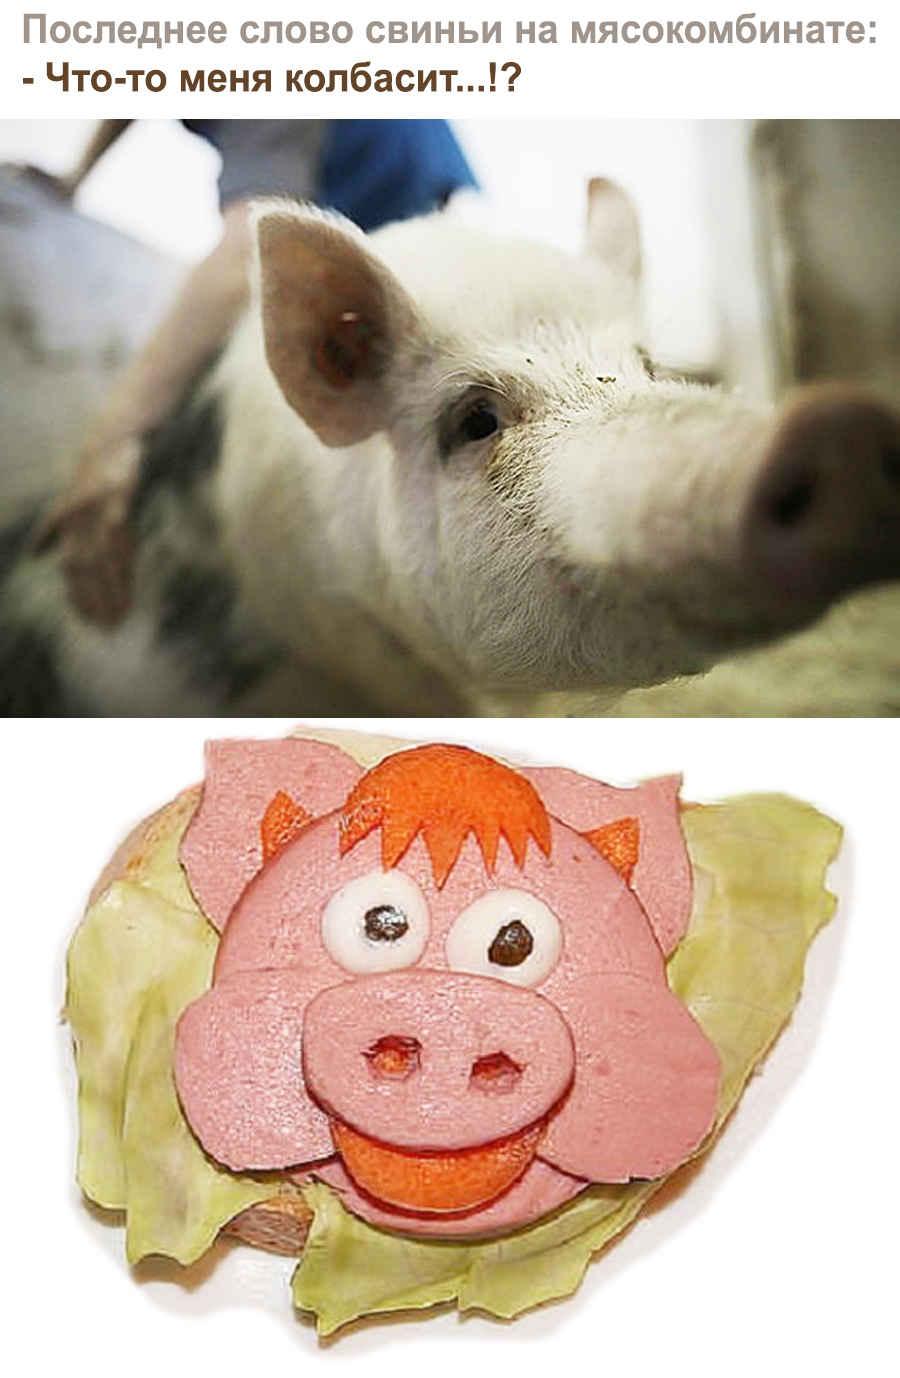 Последнее слово свиньи перед смертью